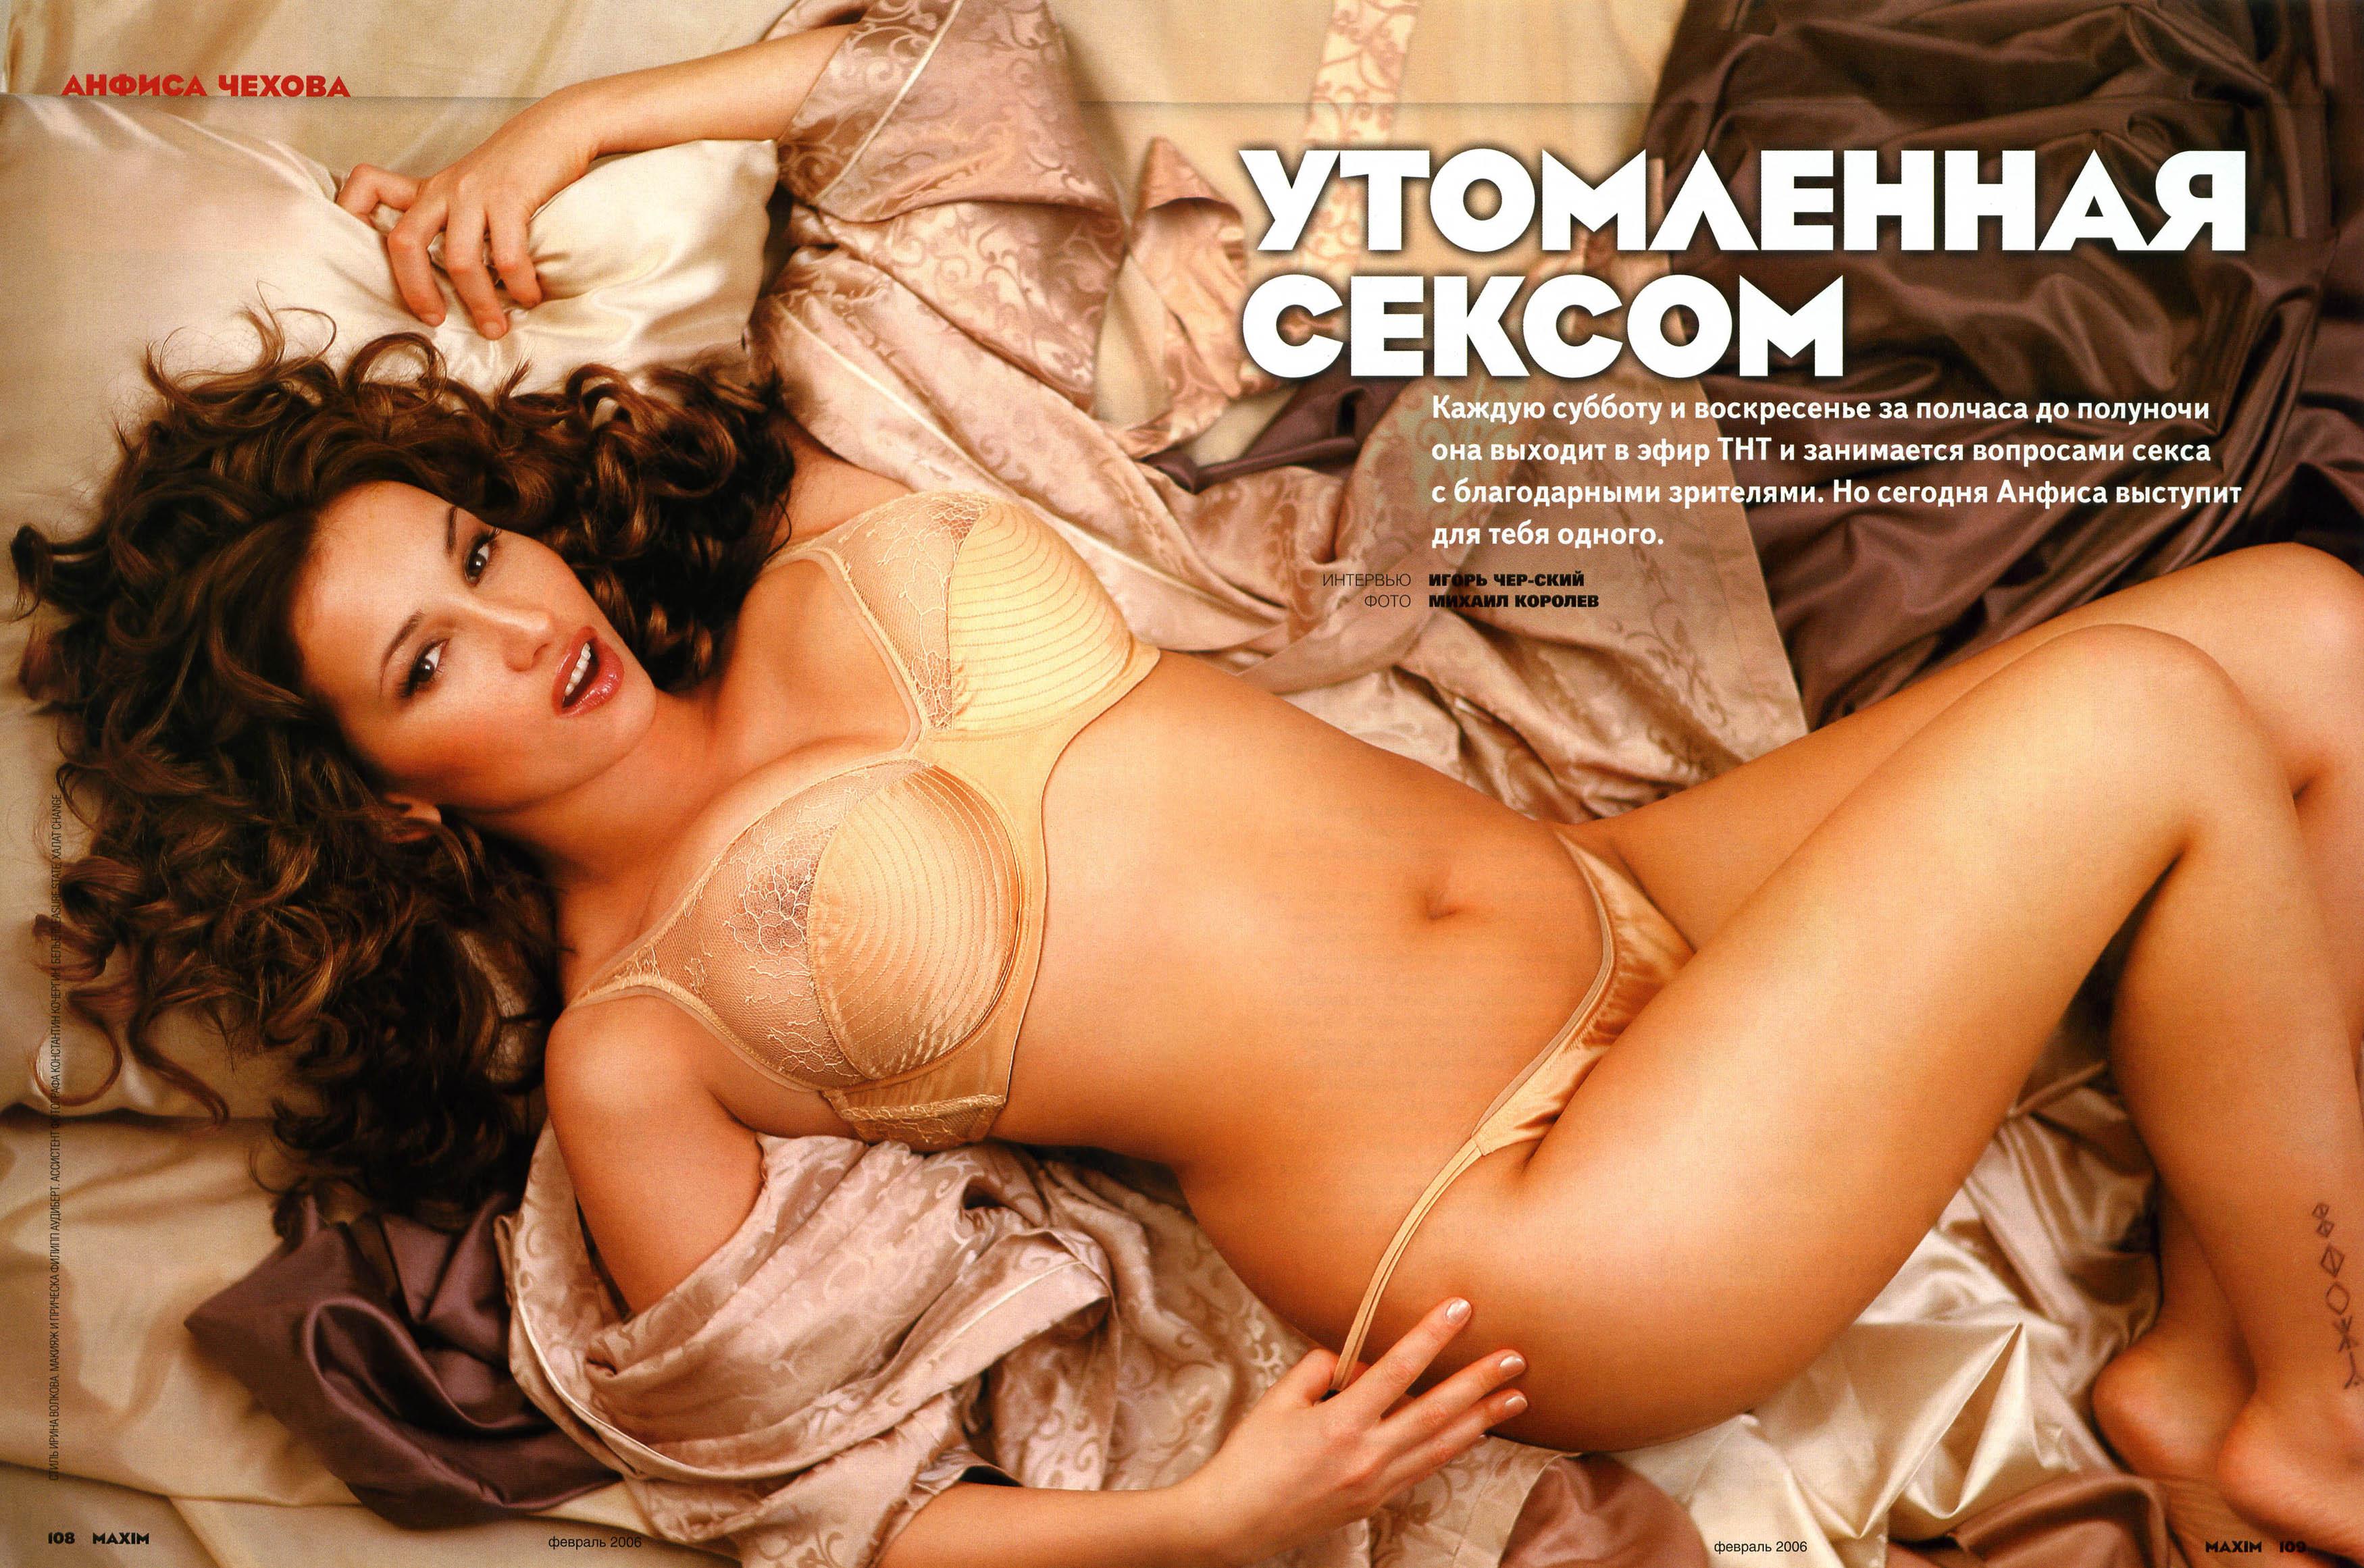 Смотреть фото в эротических журналах 21 фотография